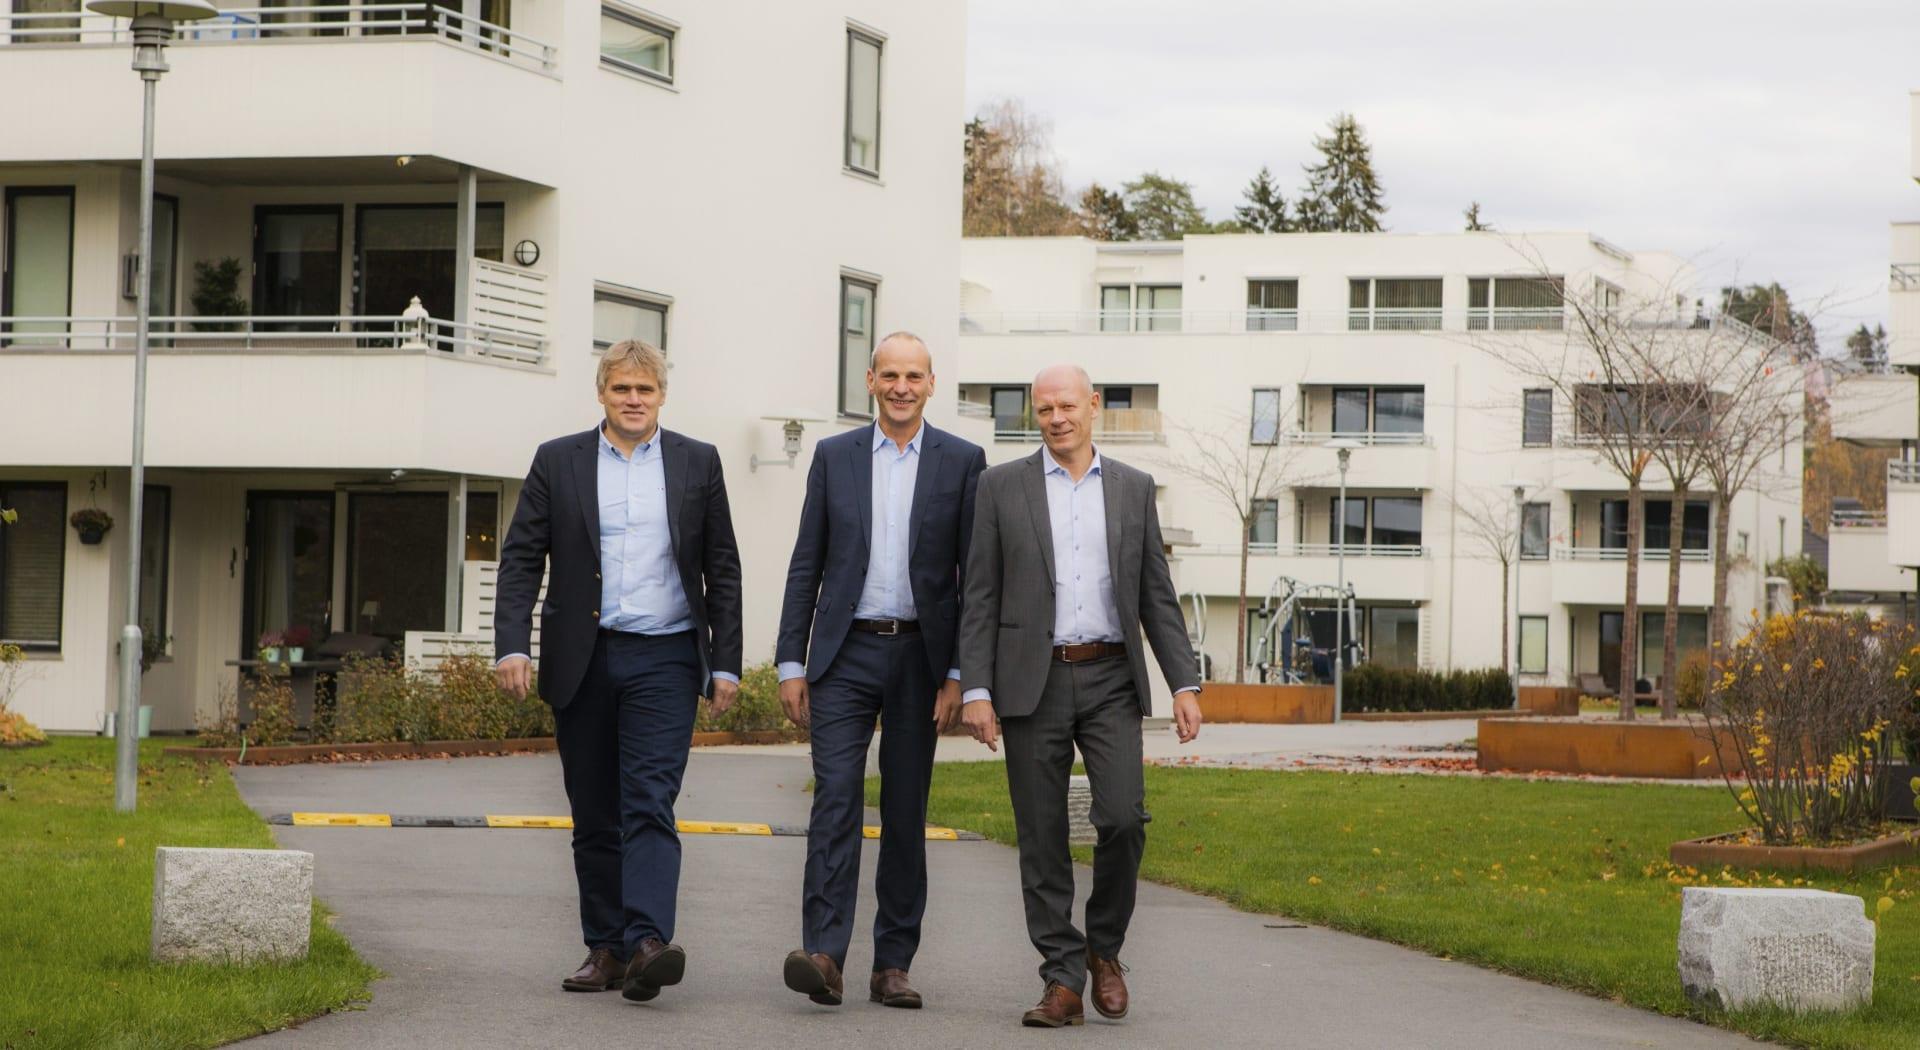 Foto: Kjetil Runningen (h), Peab,  Lasse Skjelbred, Conceptor Bolig og John Ivar Mejlander-Larsen, Peab